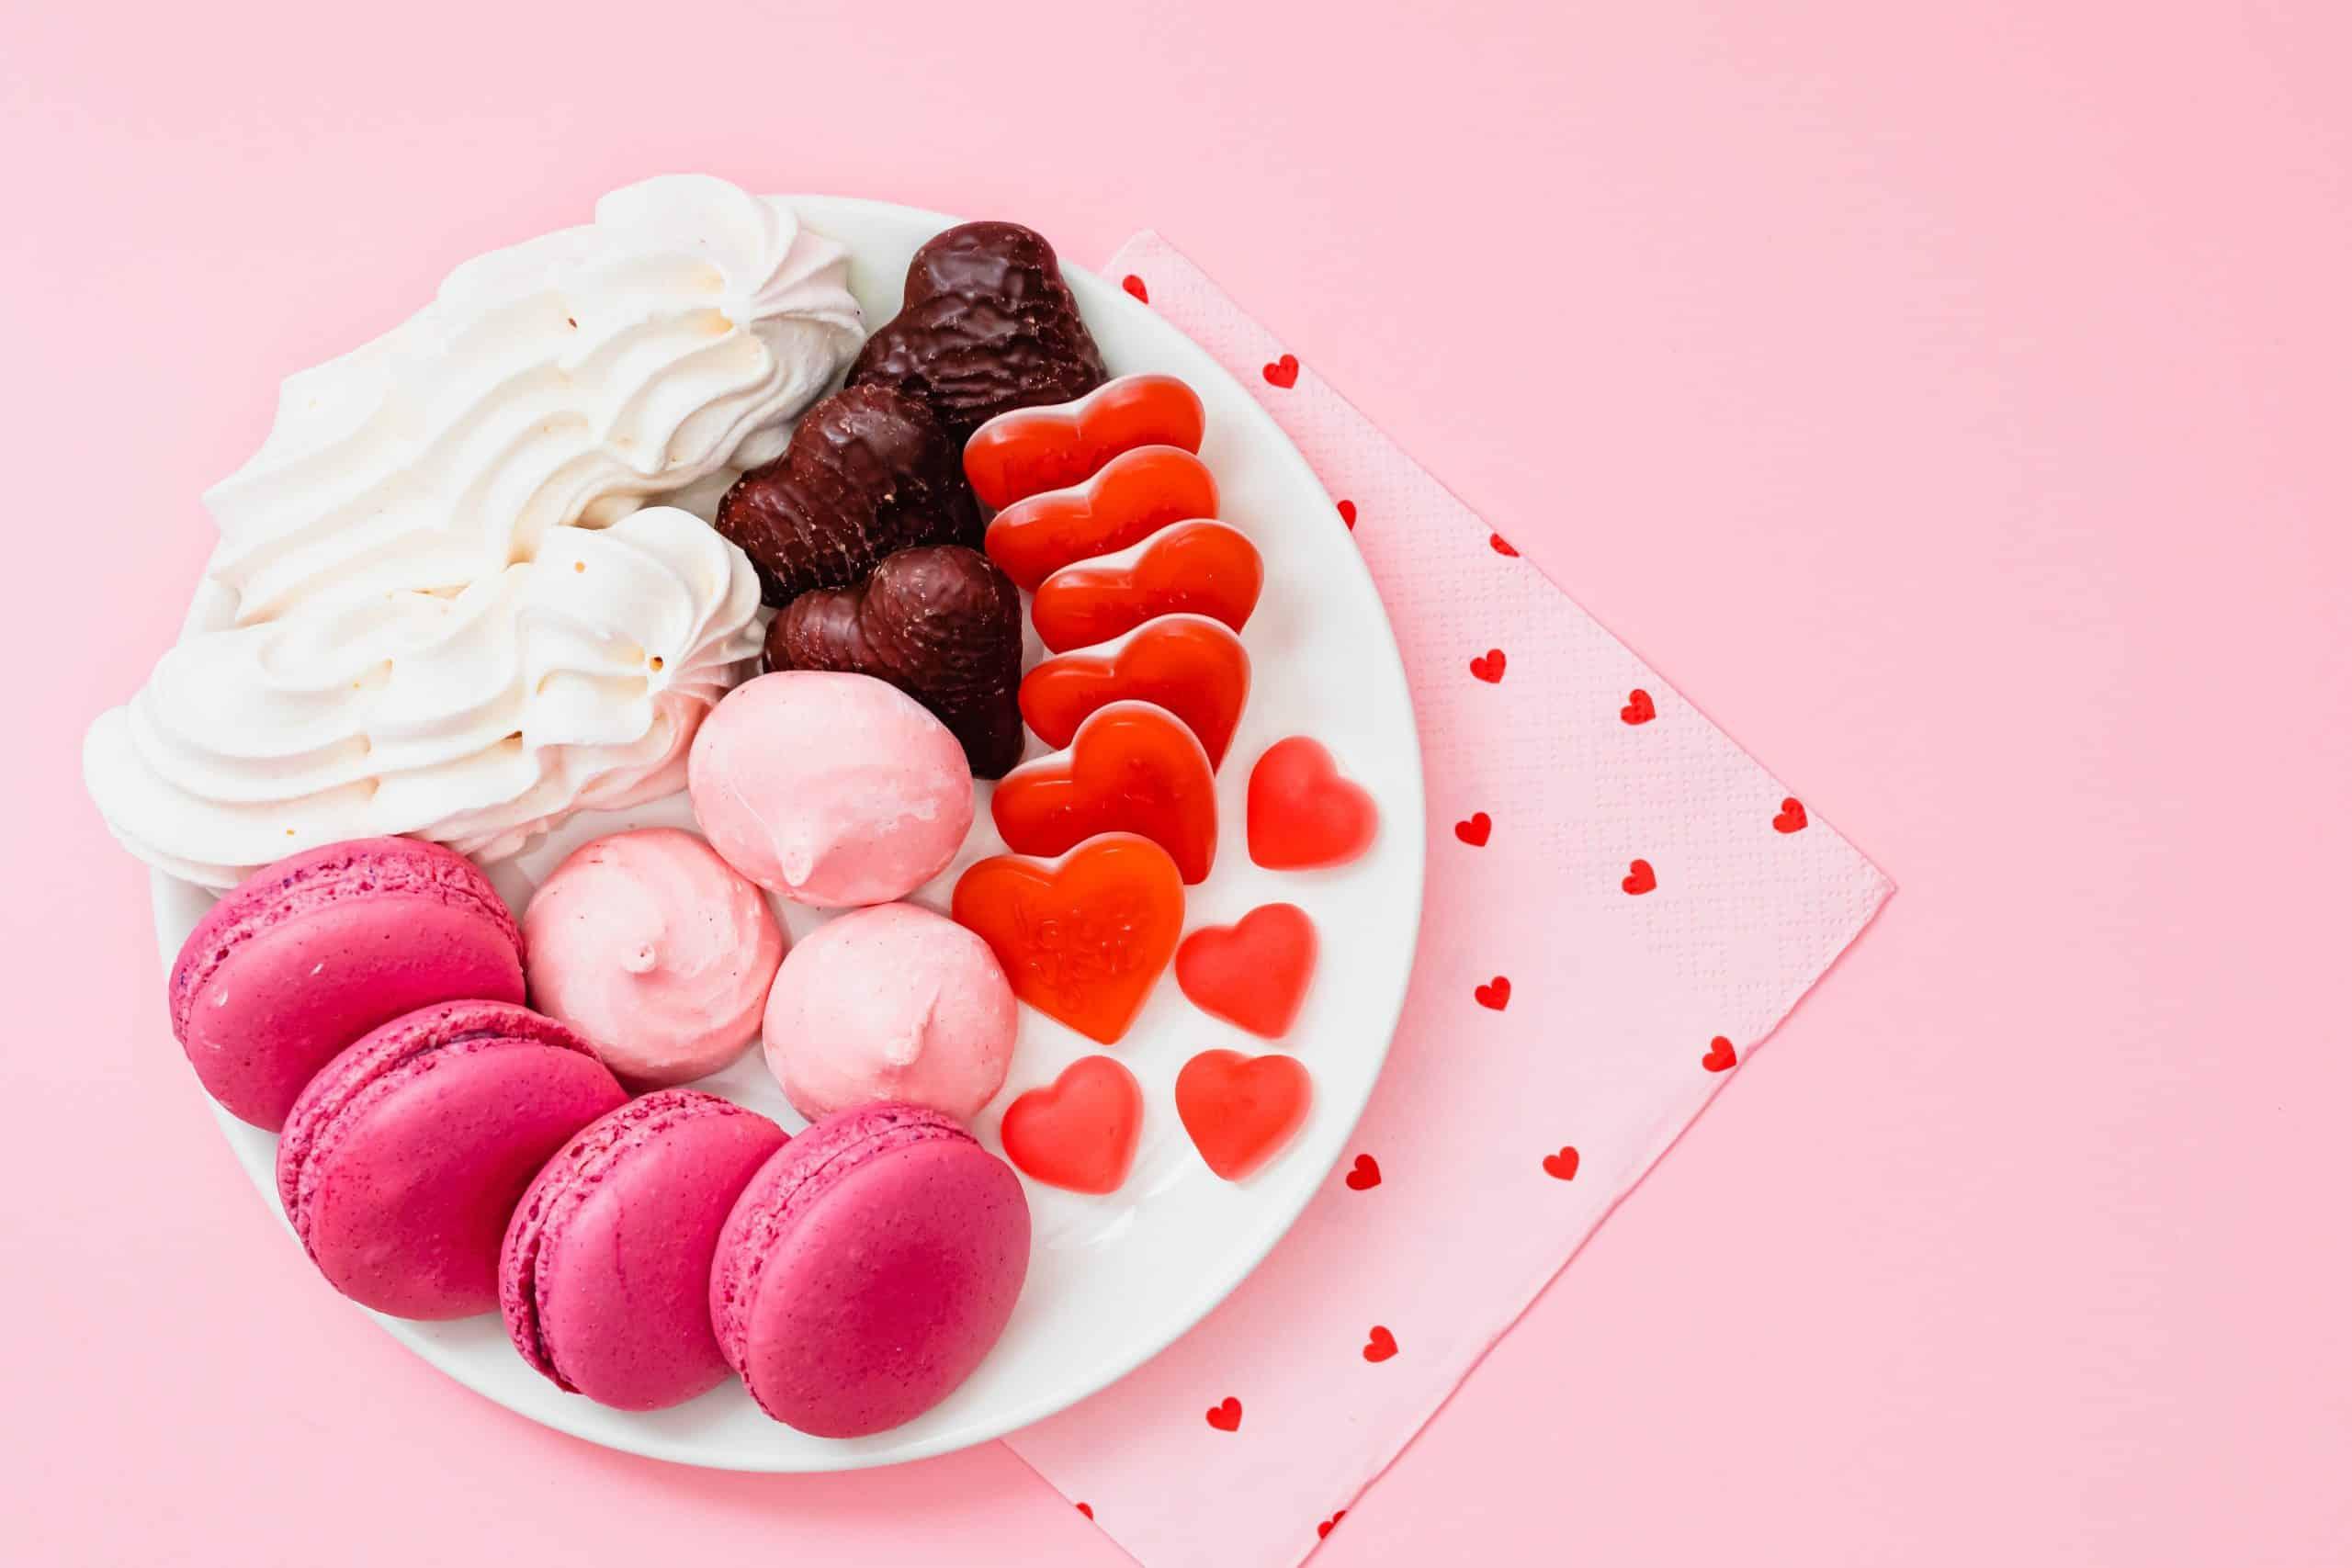 Fotografia de um prato de doce